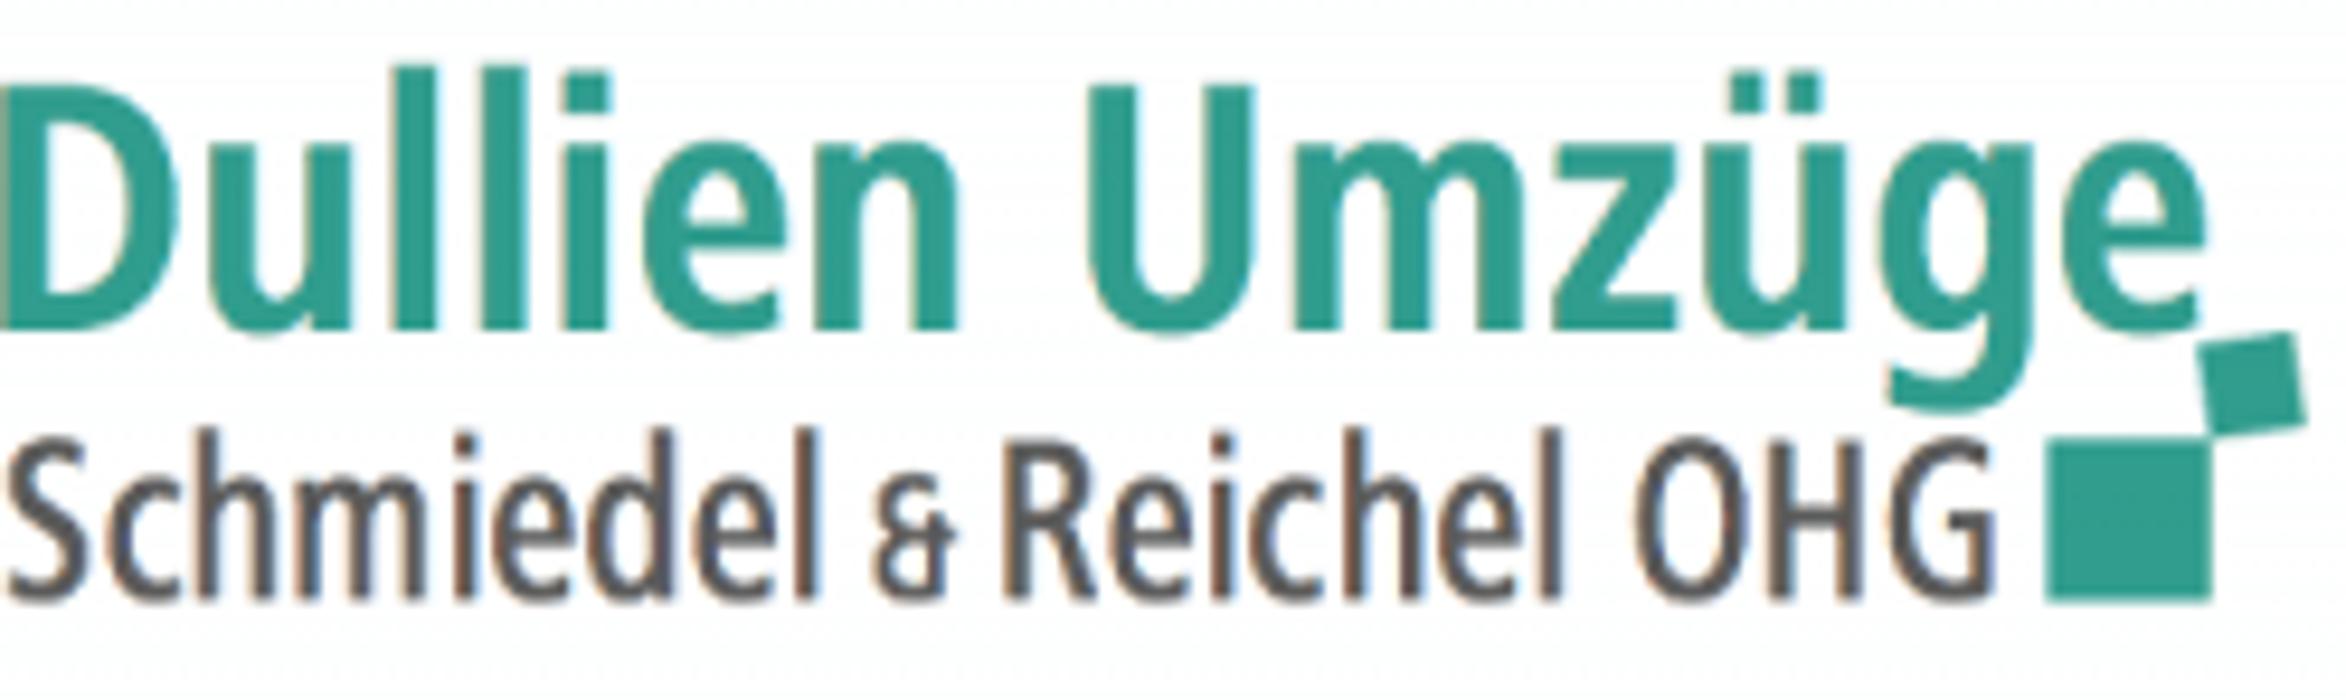 Bild zu Schmiedel & Reichel OHG in Bremen